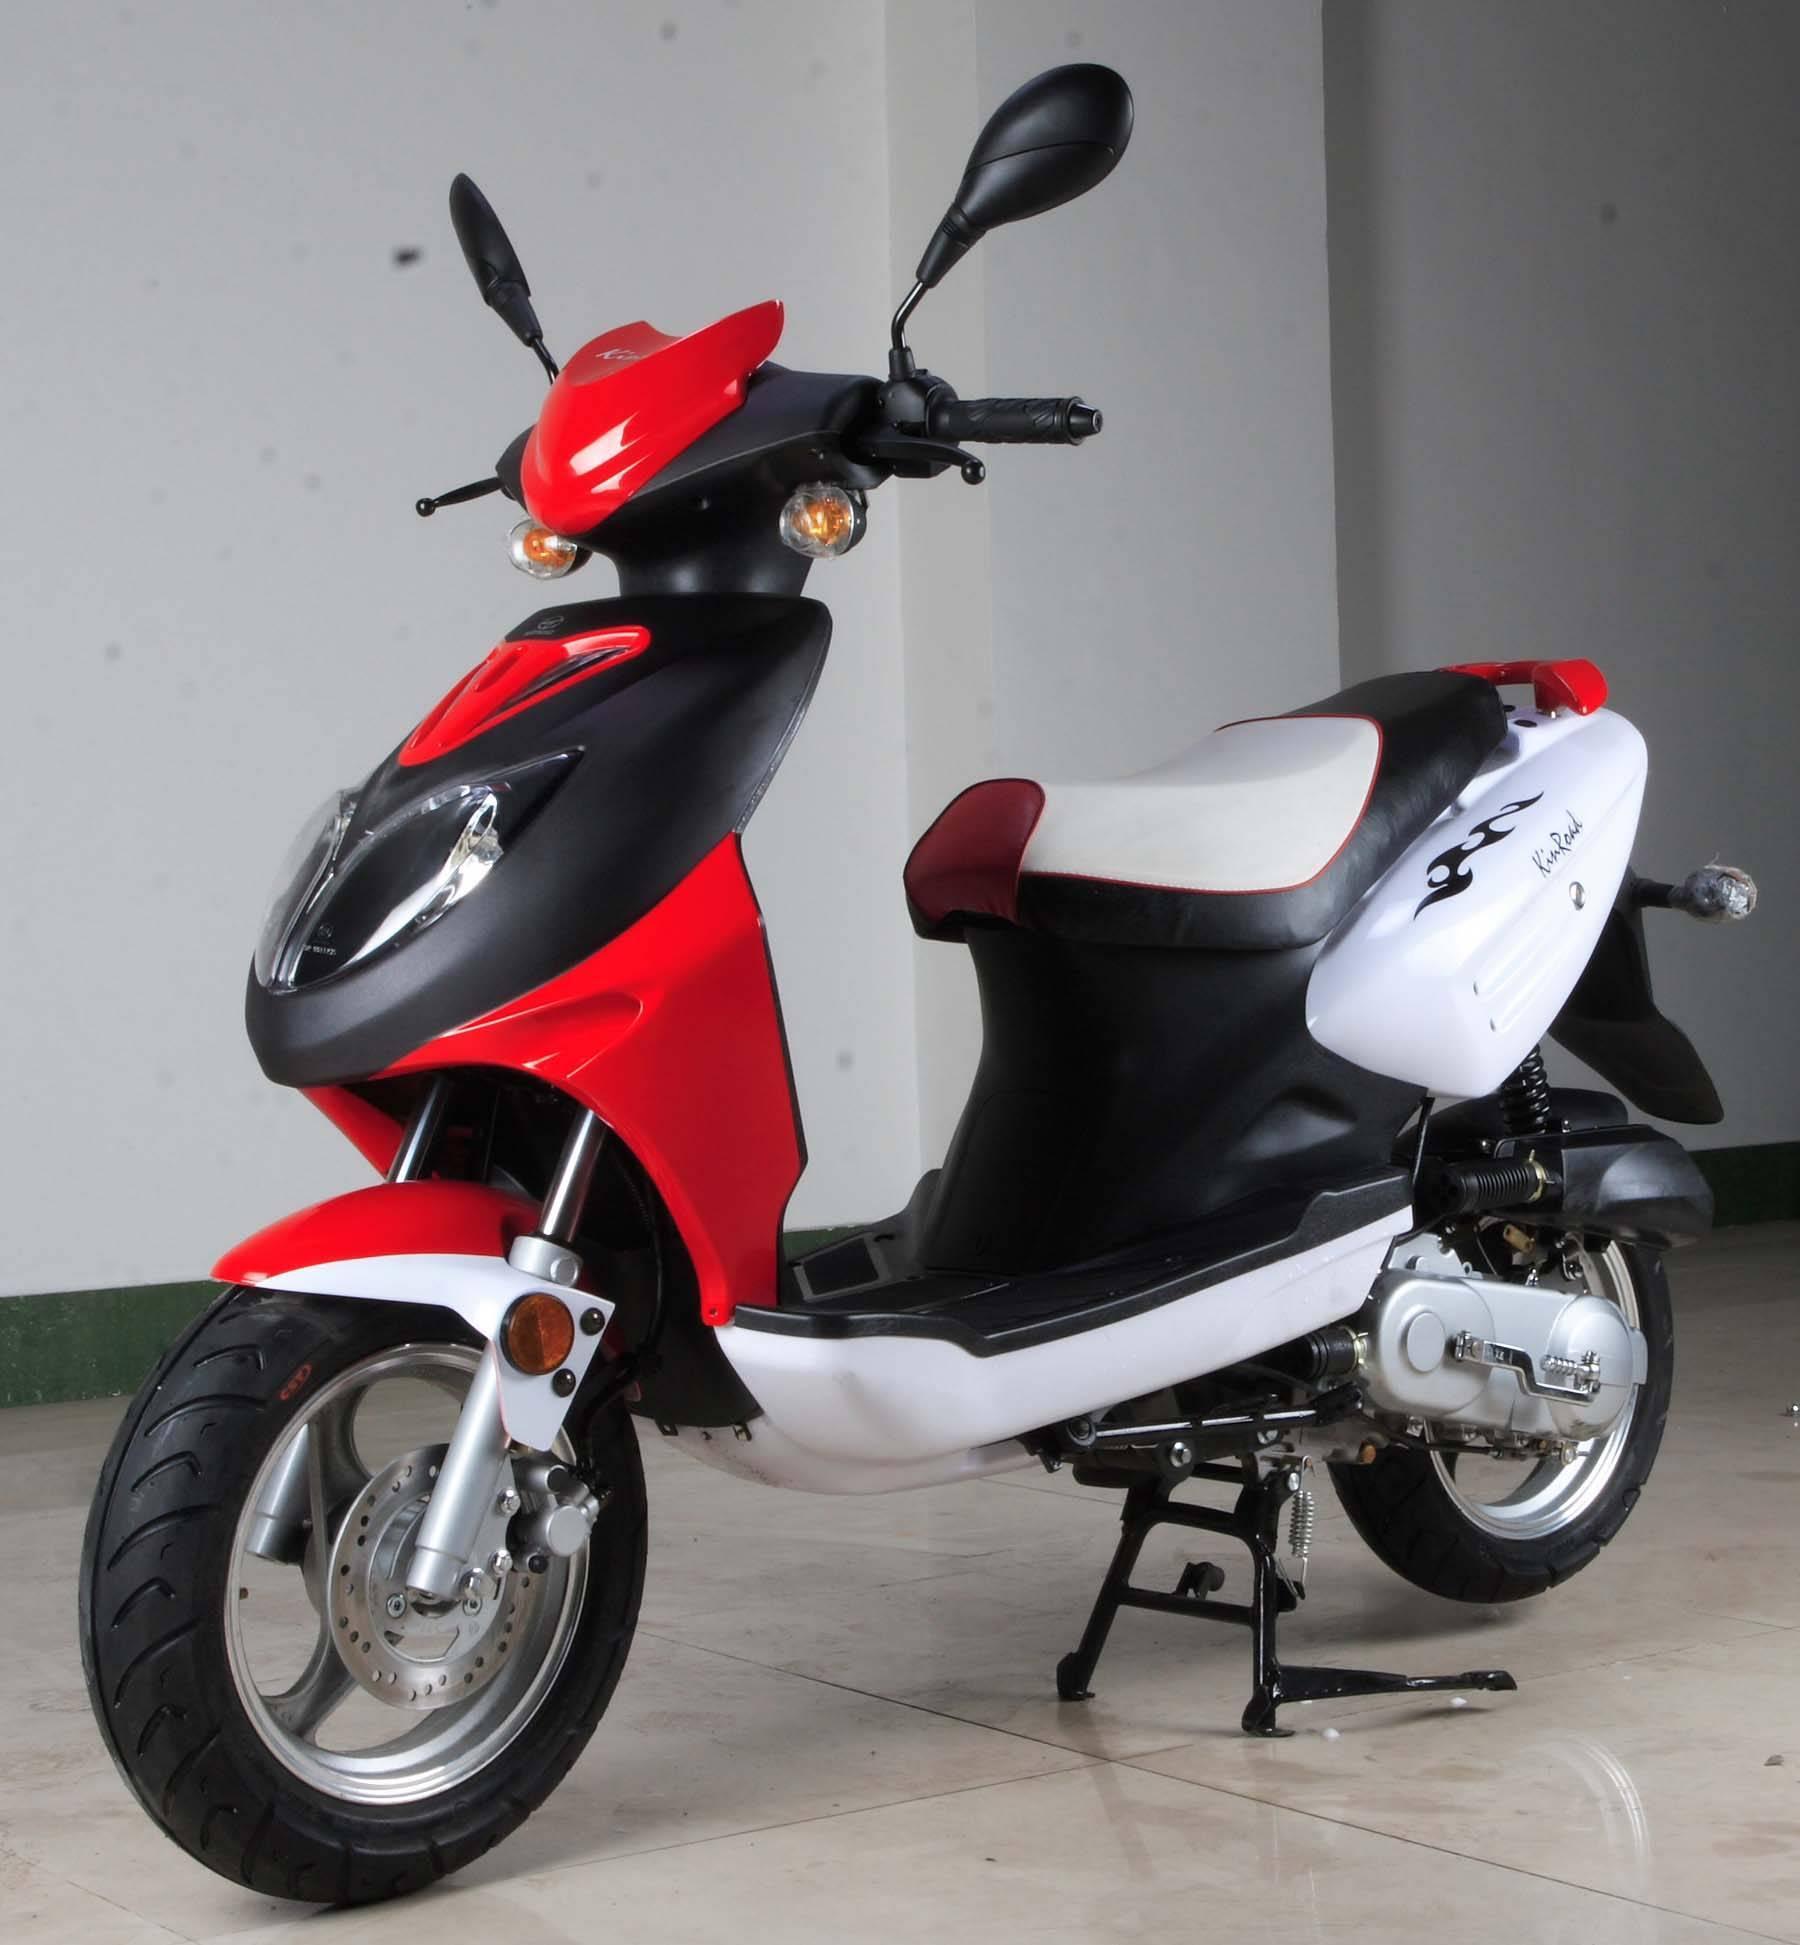 eec scooter eec motorcycle mini cross 50cc eec scooter eec. Black Bedroom Furniture Sets. Home Design Ideas